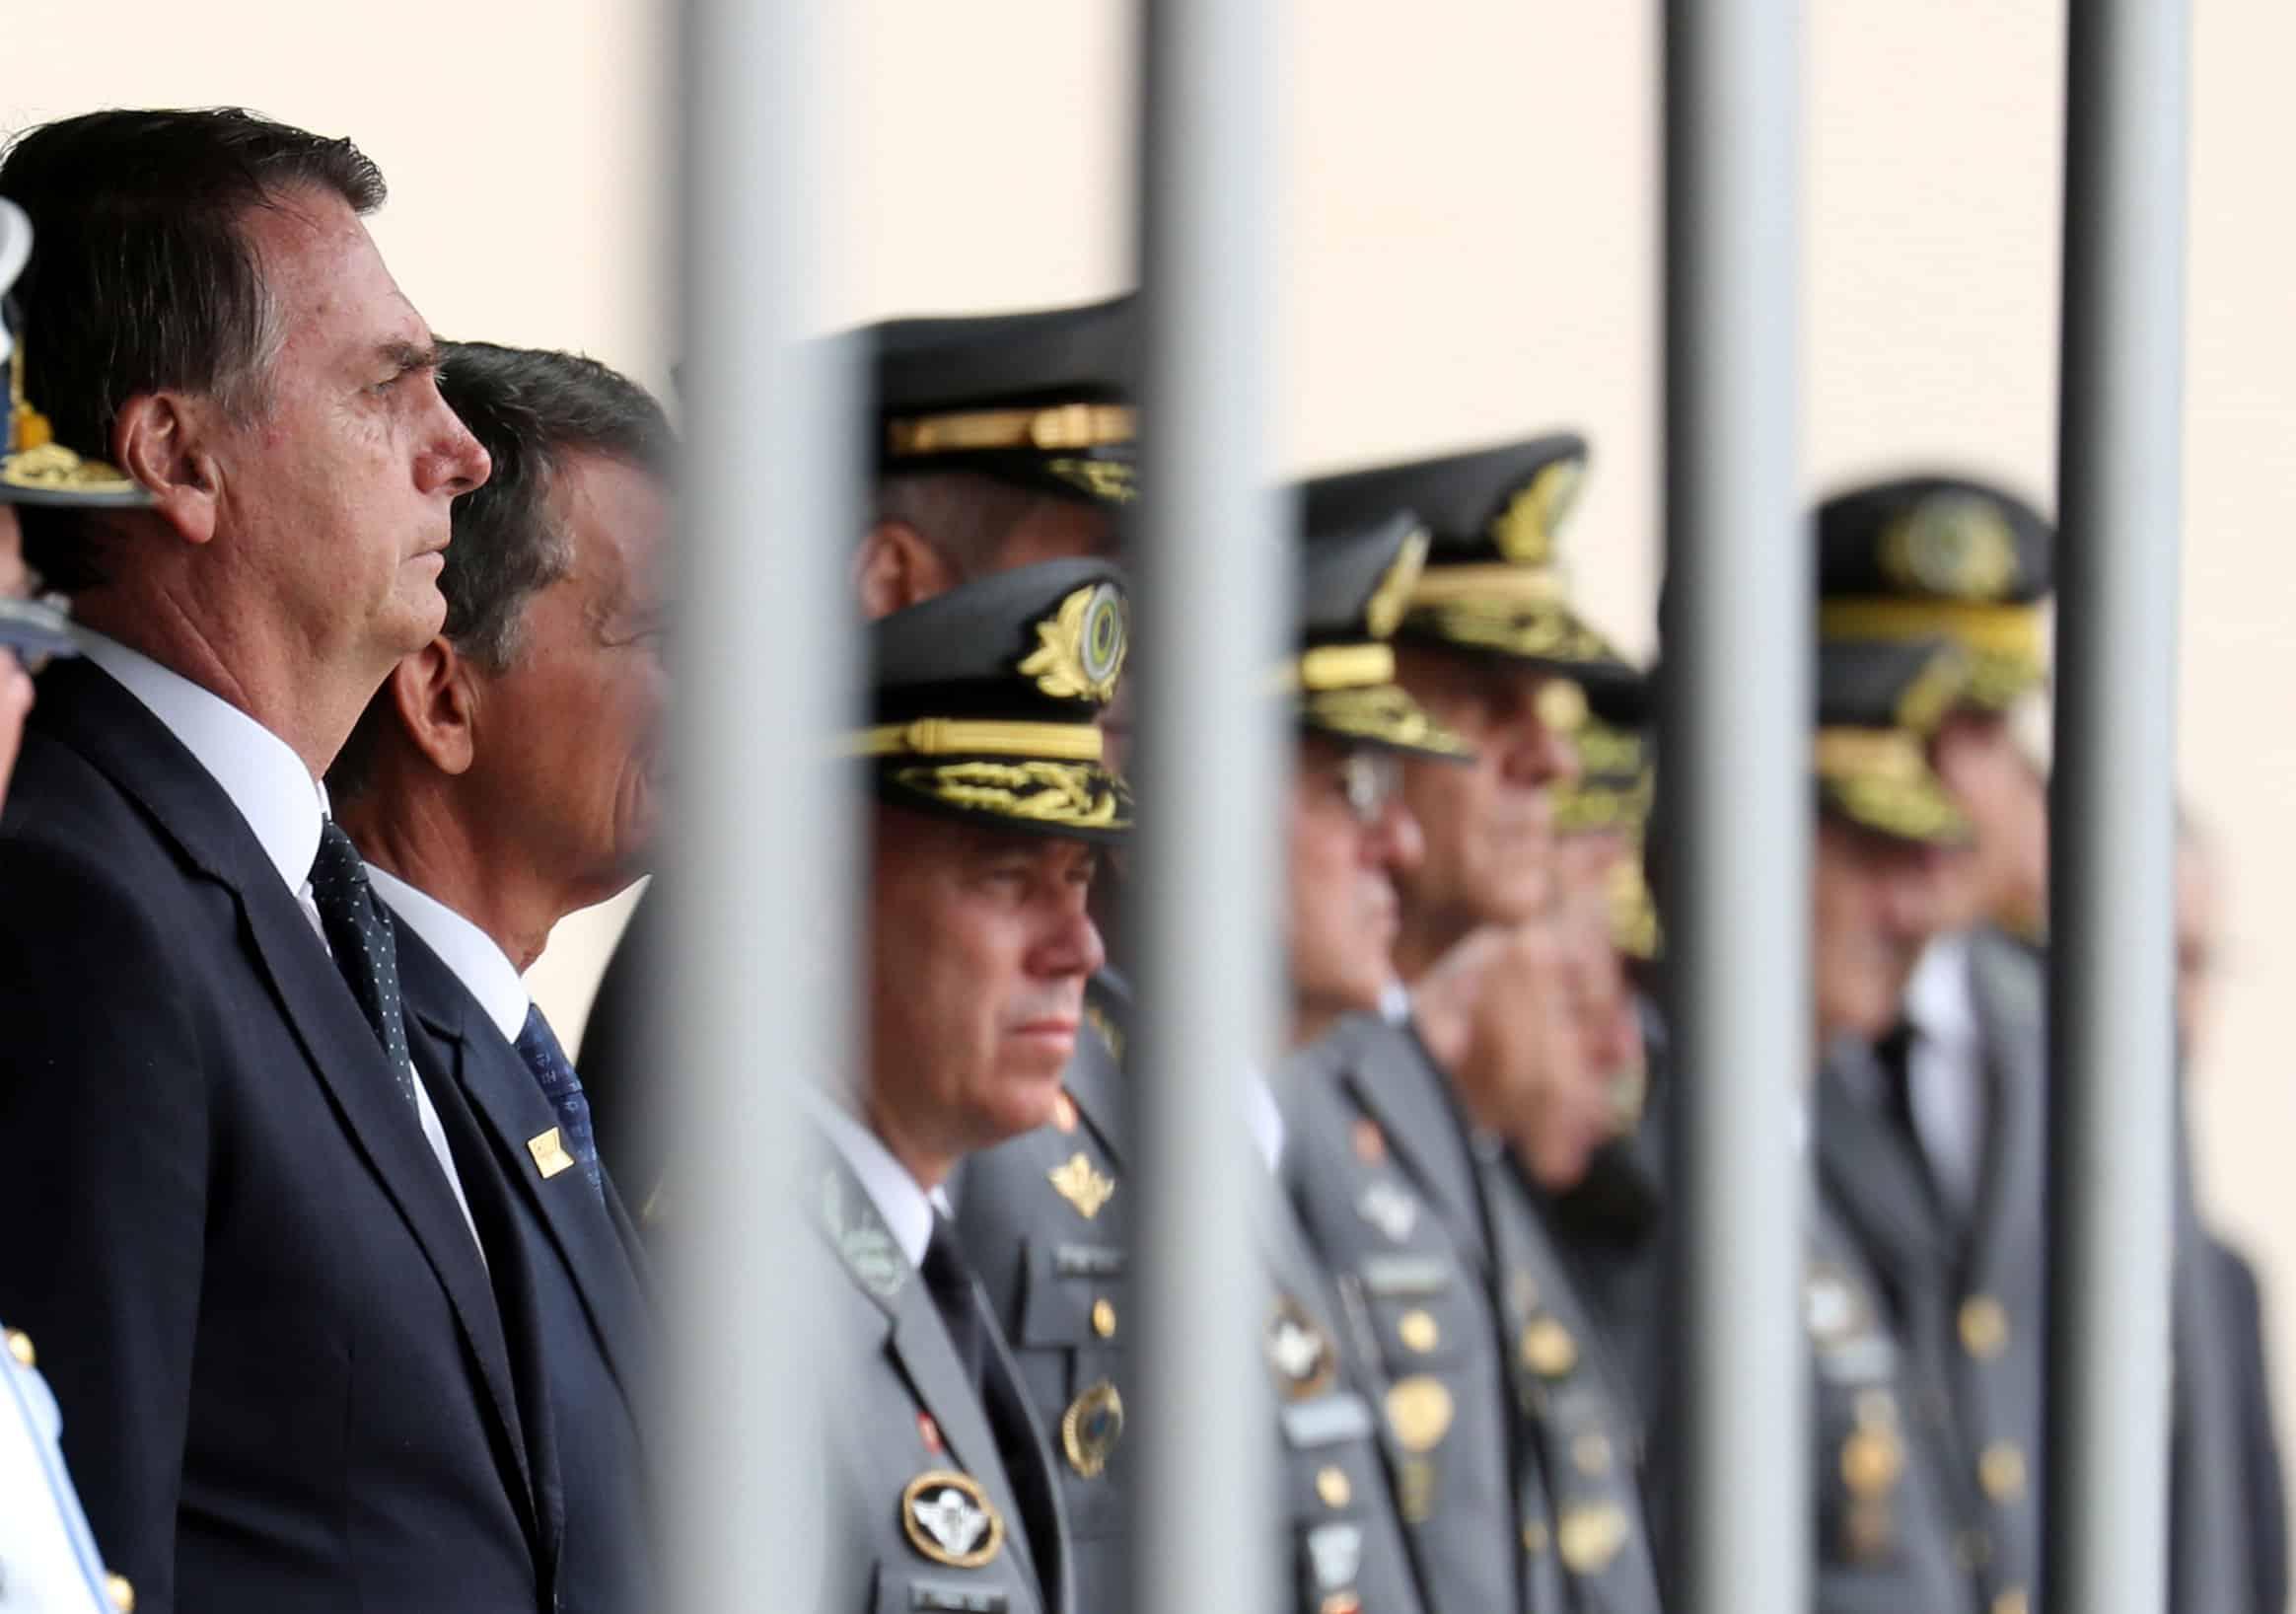 Atuação dos militares no INSS é ameaçada por interferência da justiça